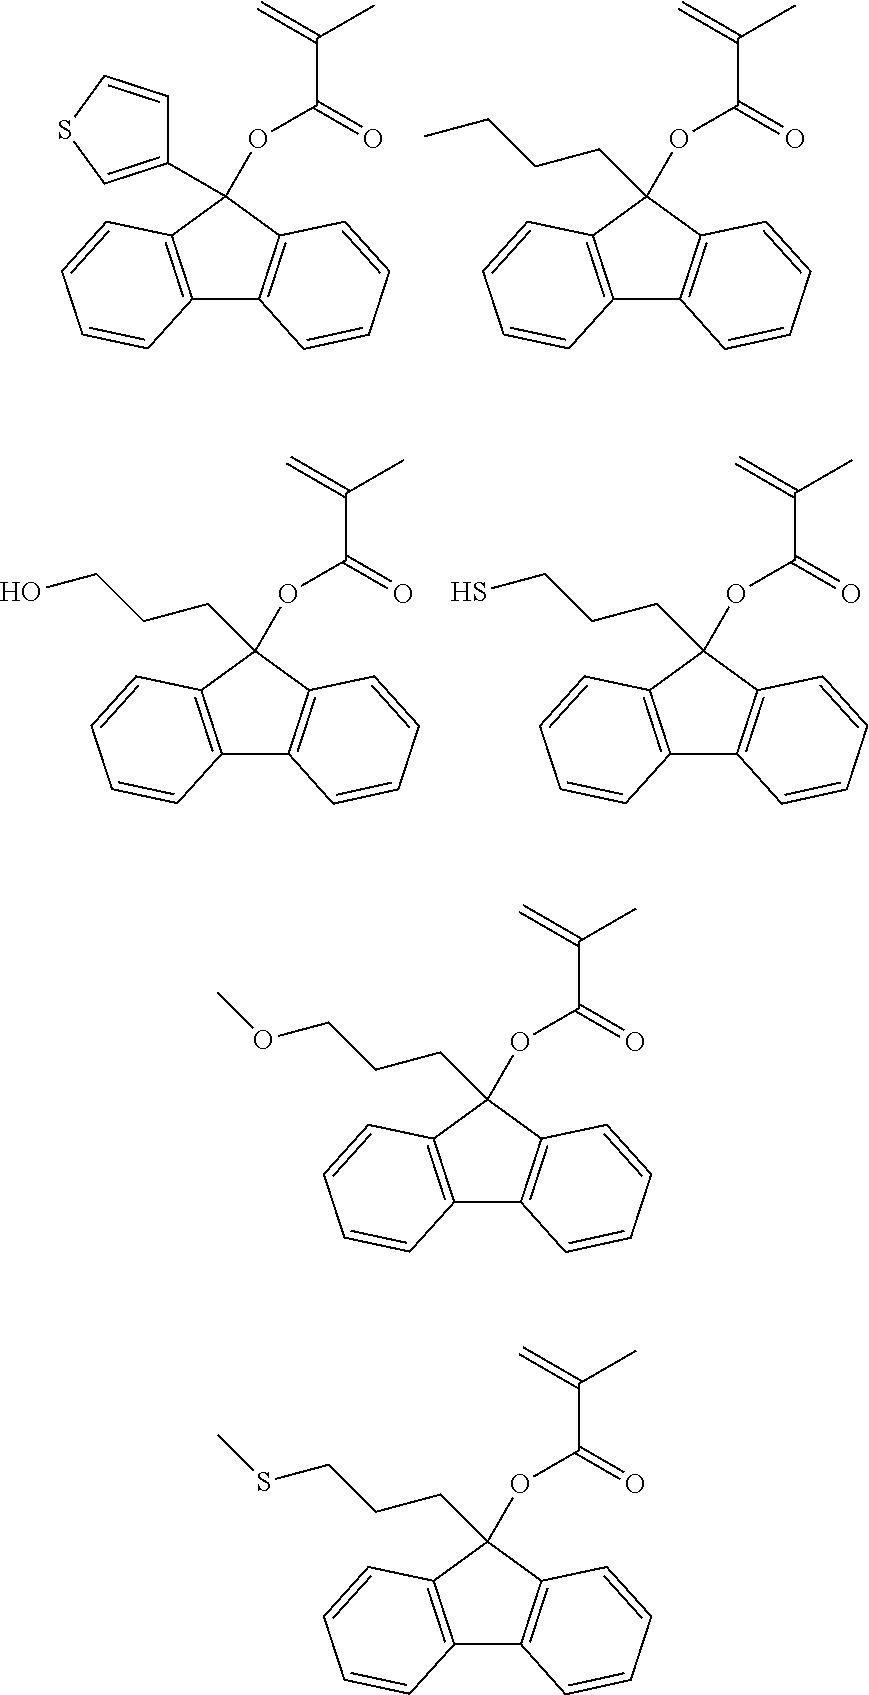 Figure US09023586-20150505-C00055